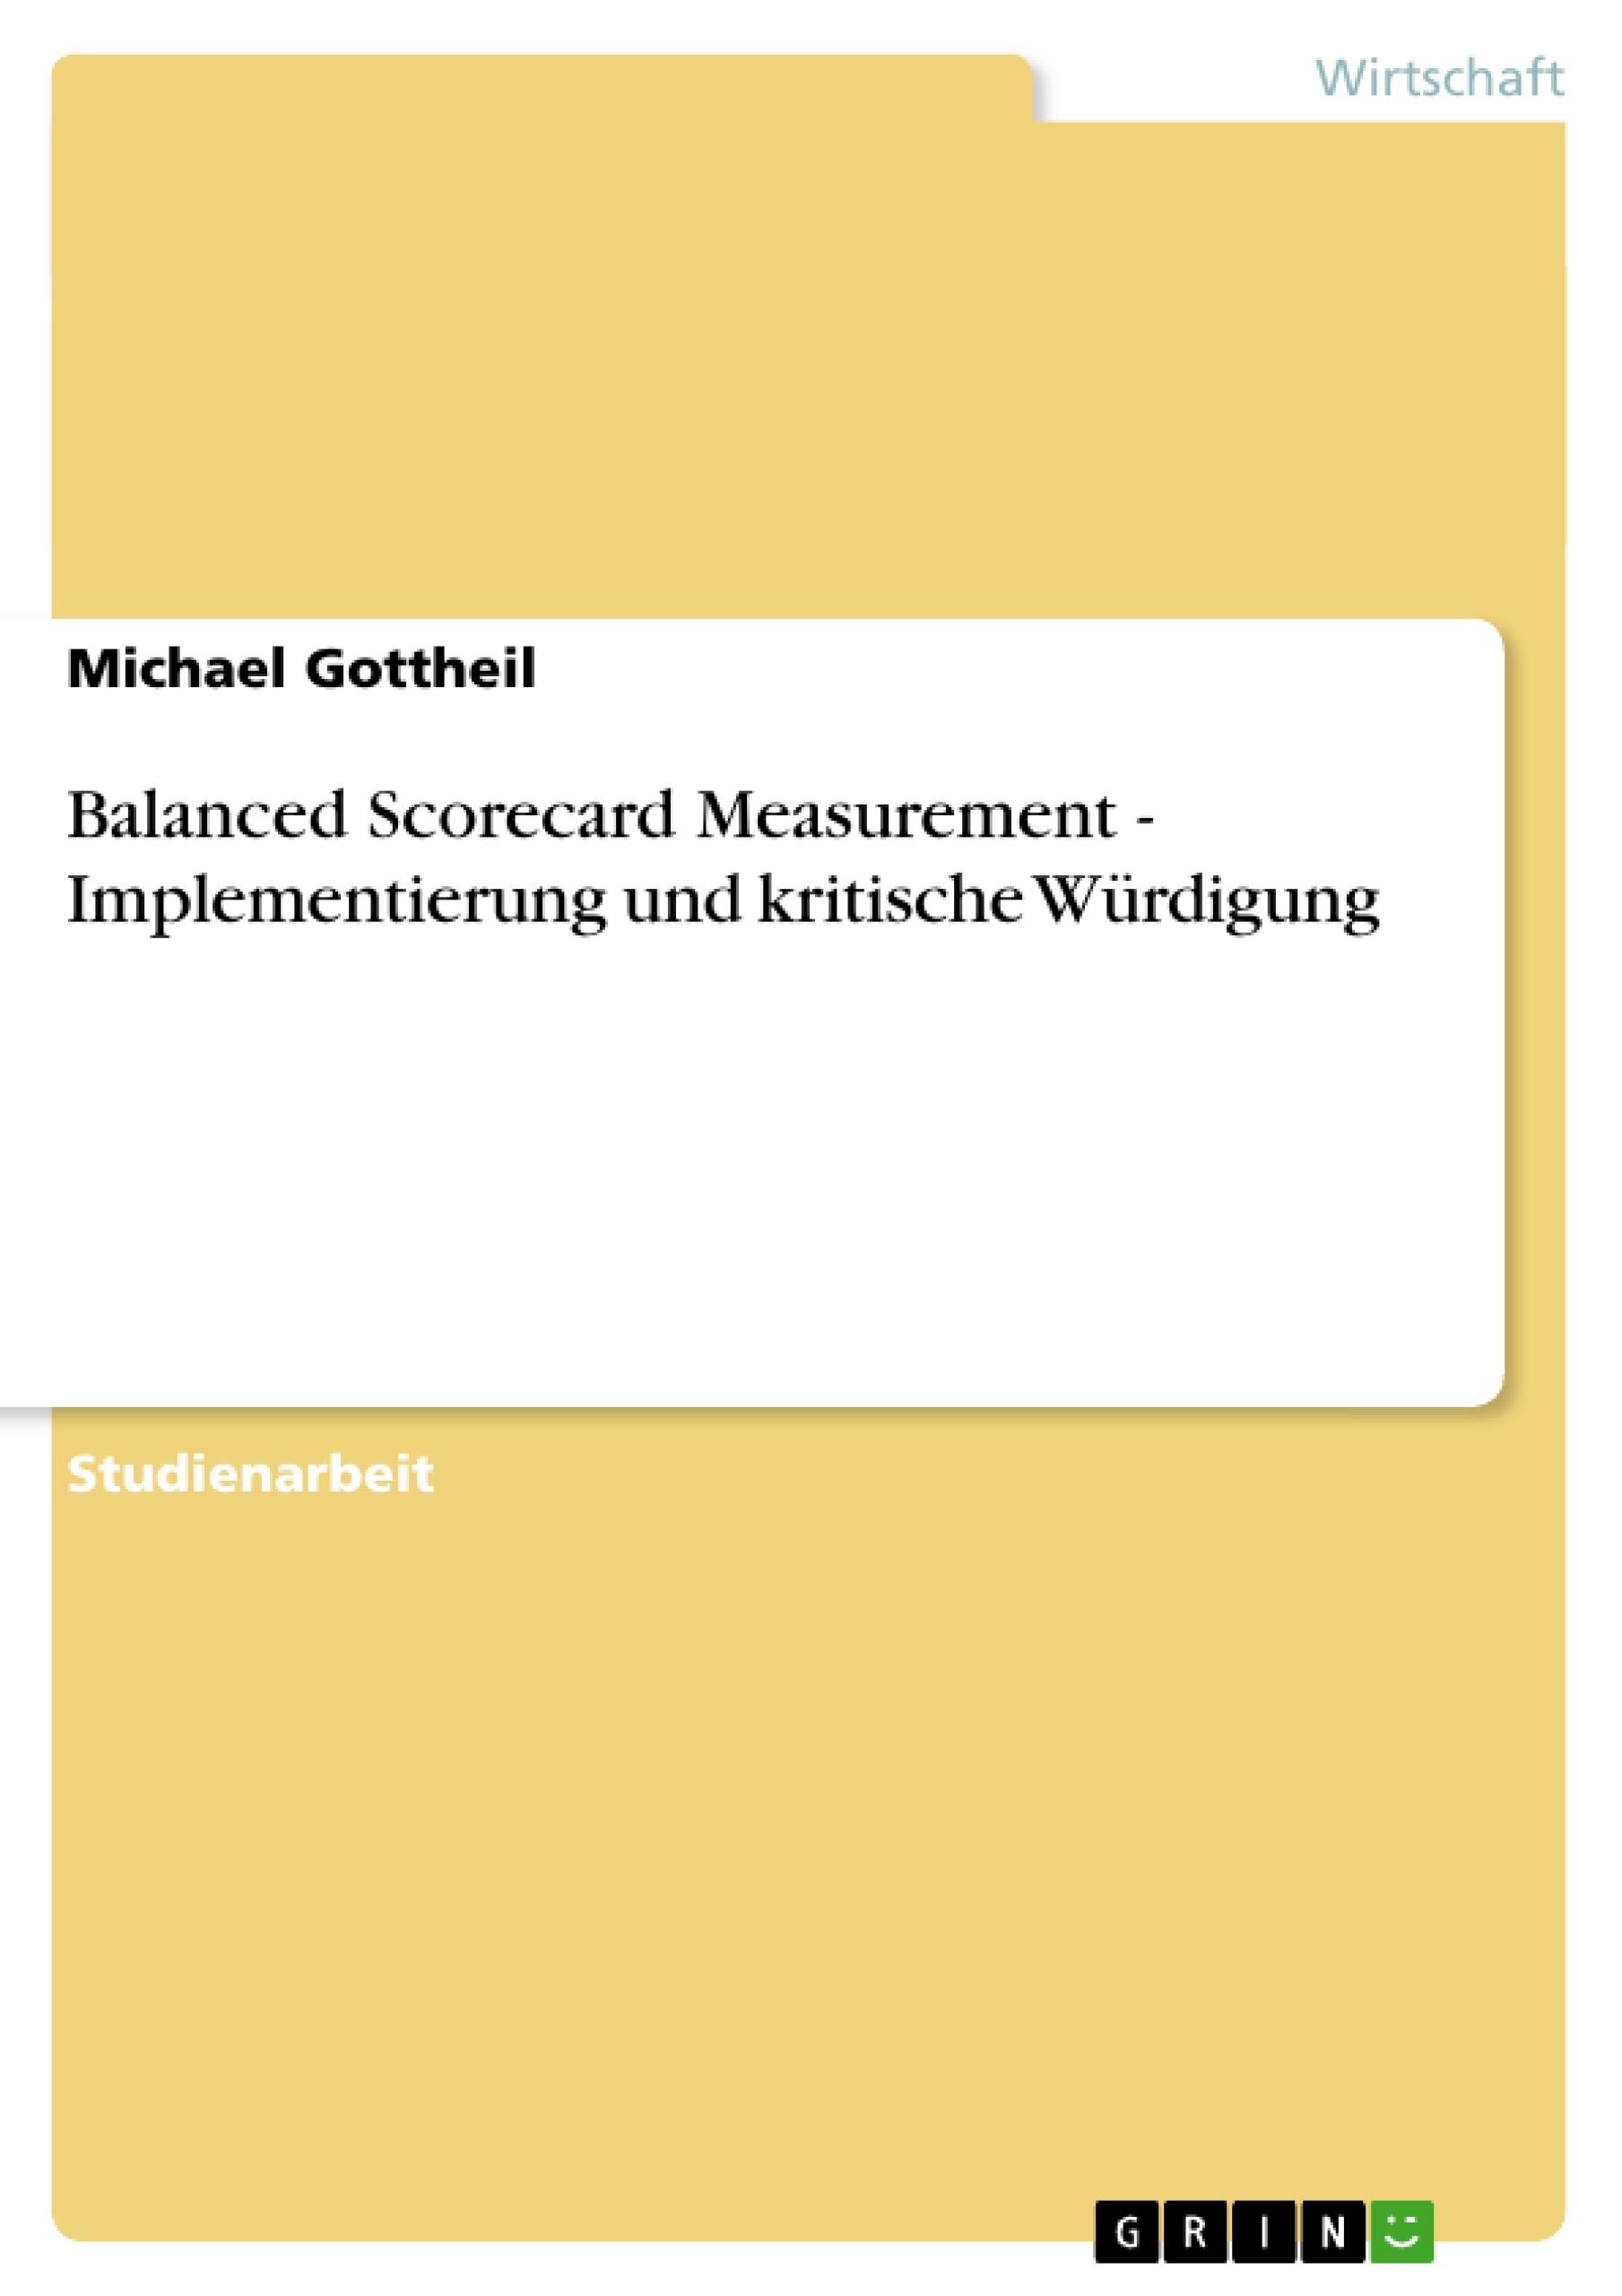 Titel: Balanced Scorecard Measurement - Implementierung und kritische Würdigung